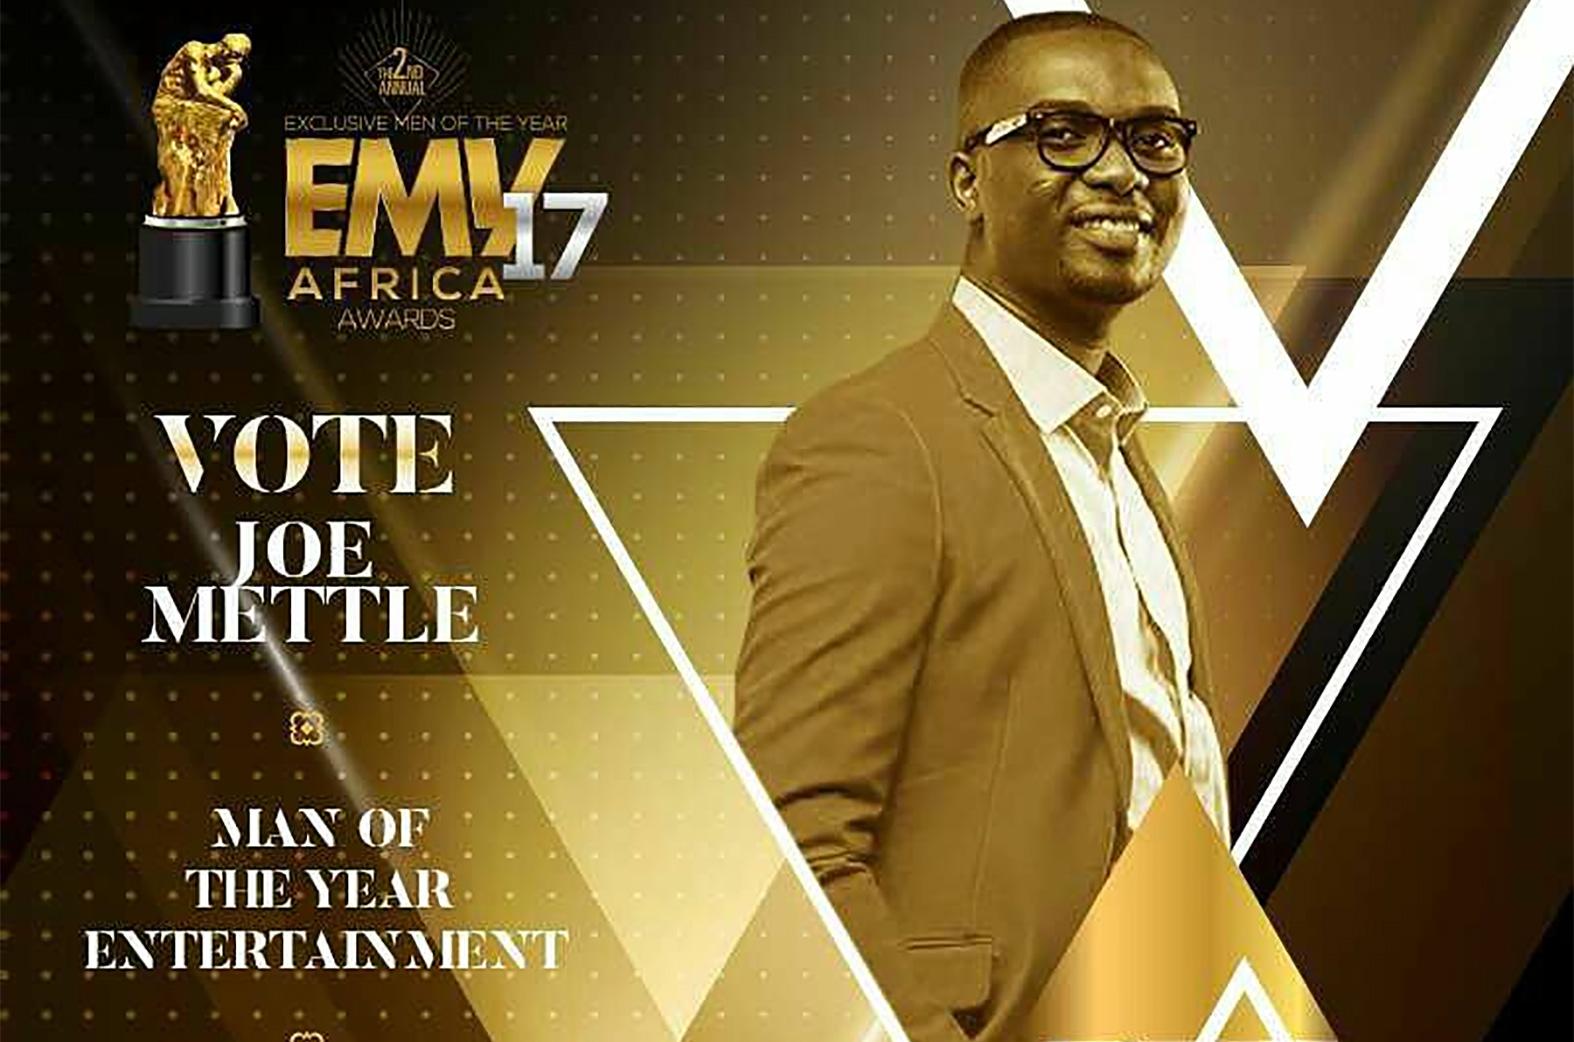 Joe Mettle @ EMYs Awards